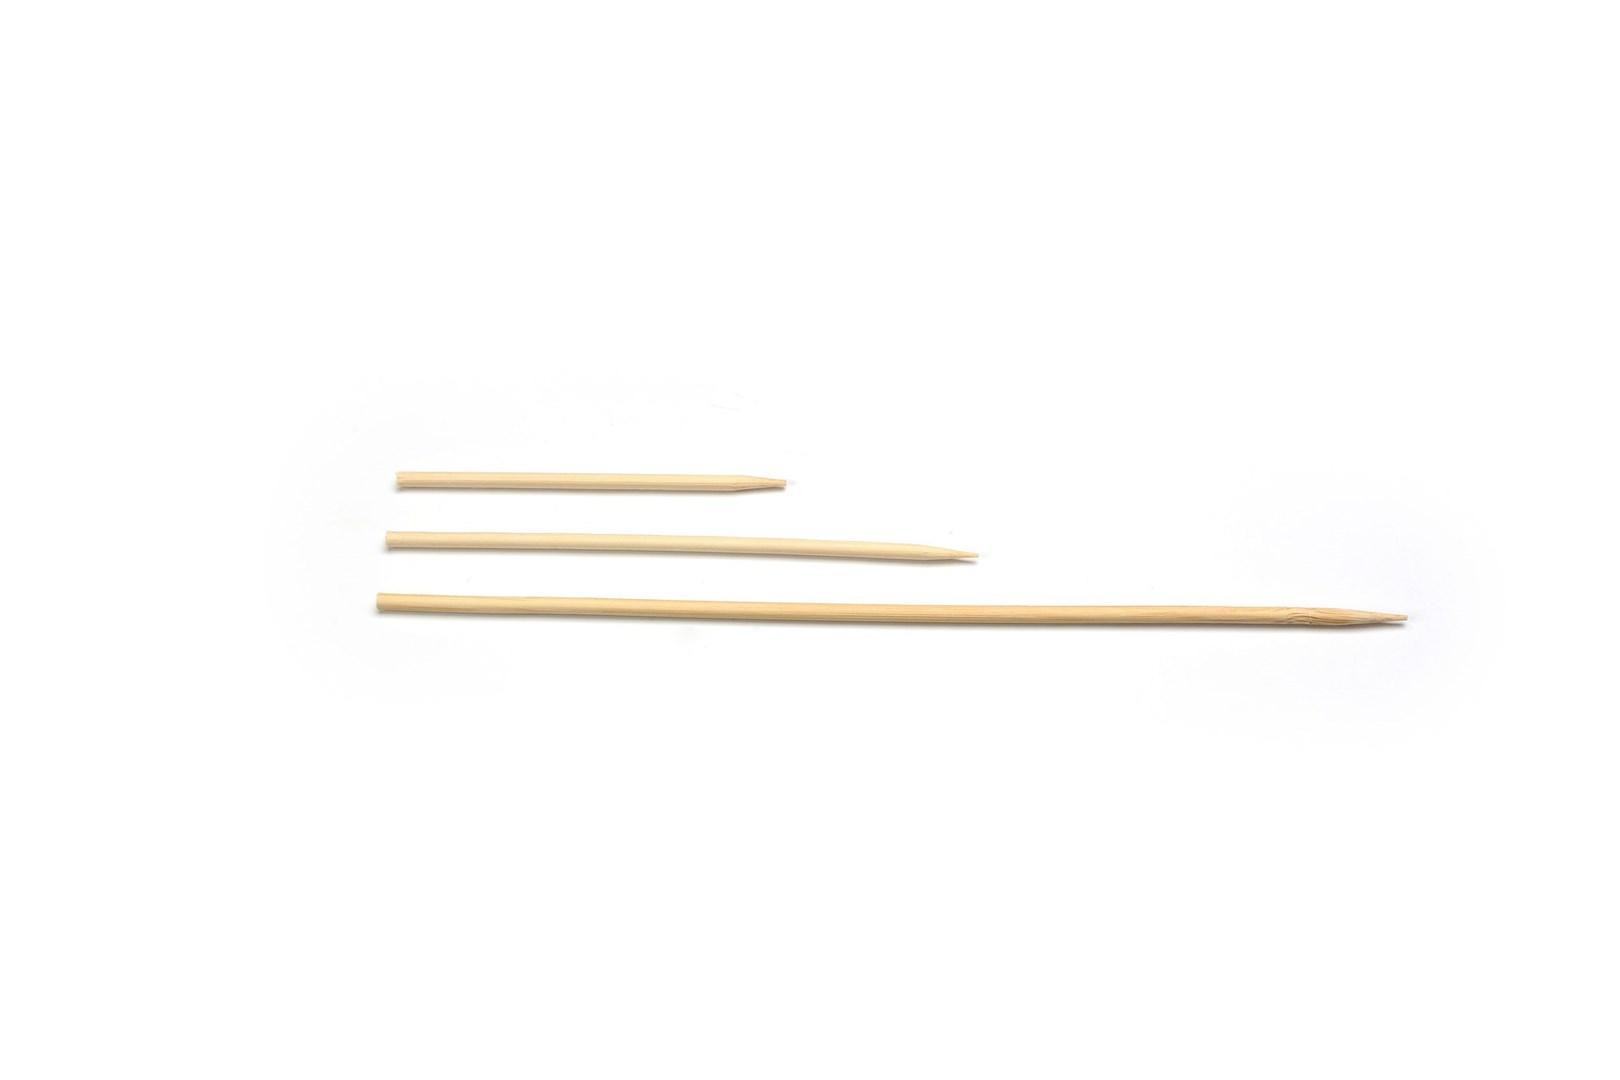 Productafbeelding Sier Disposables Prikker maïskolf bamboe ø 5 x 300 mm ds. à 100